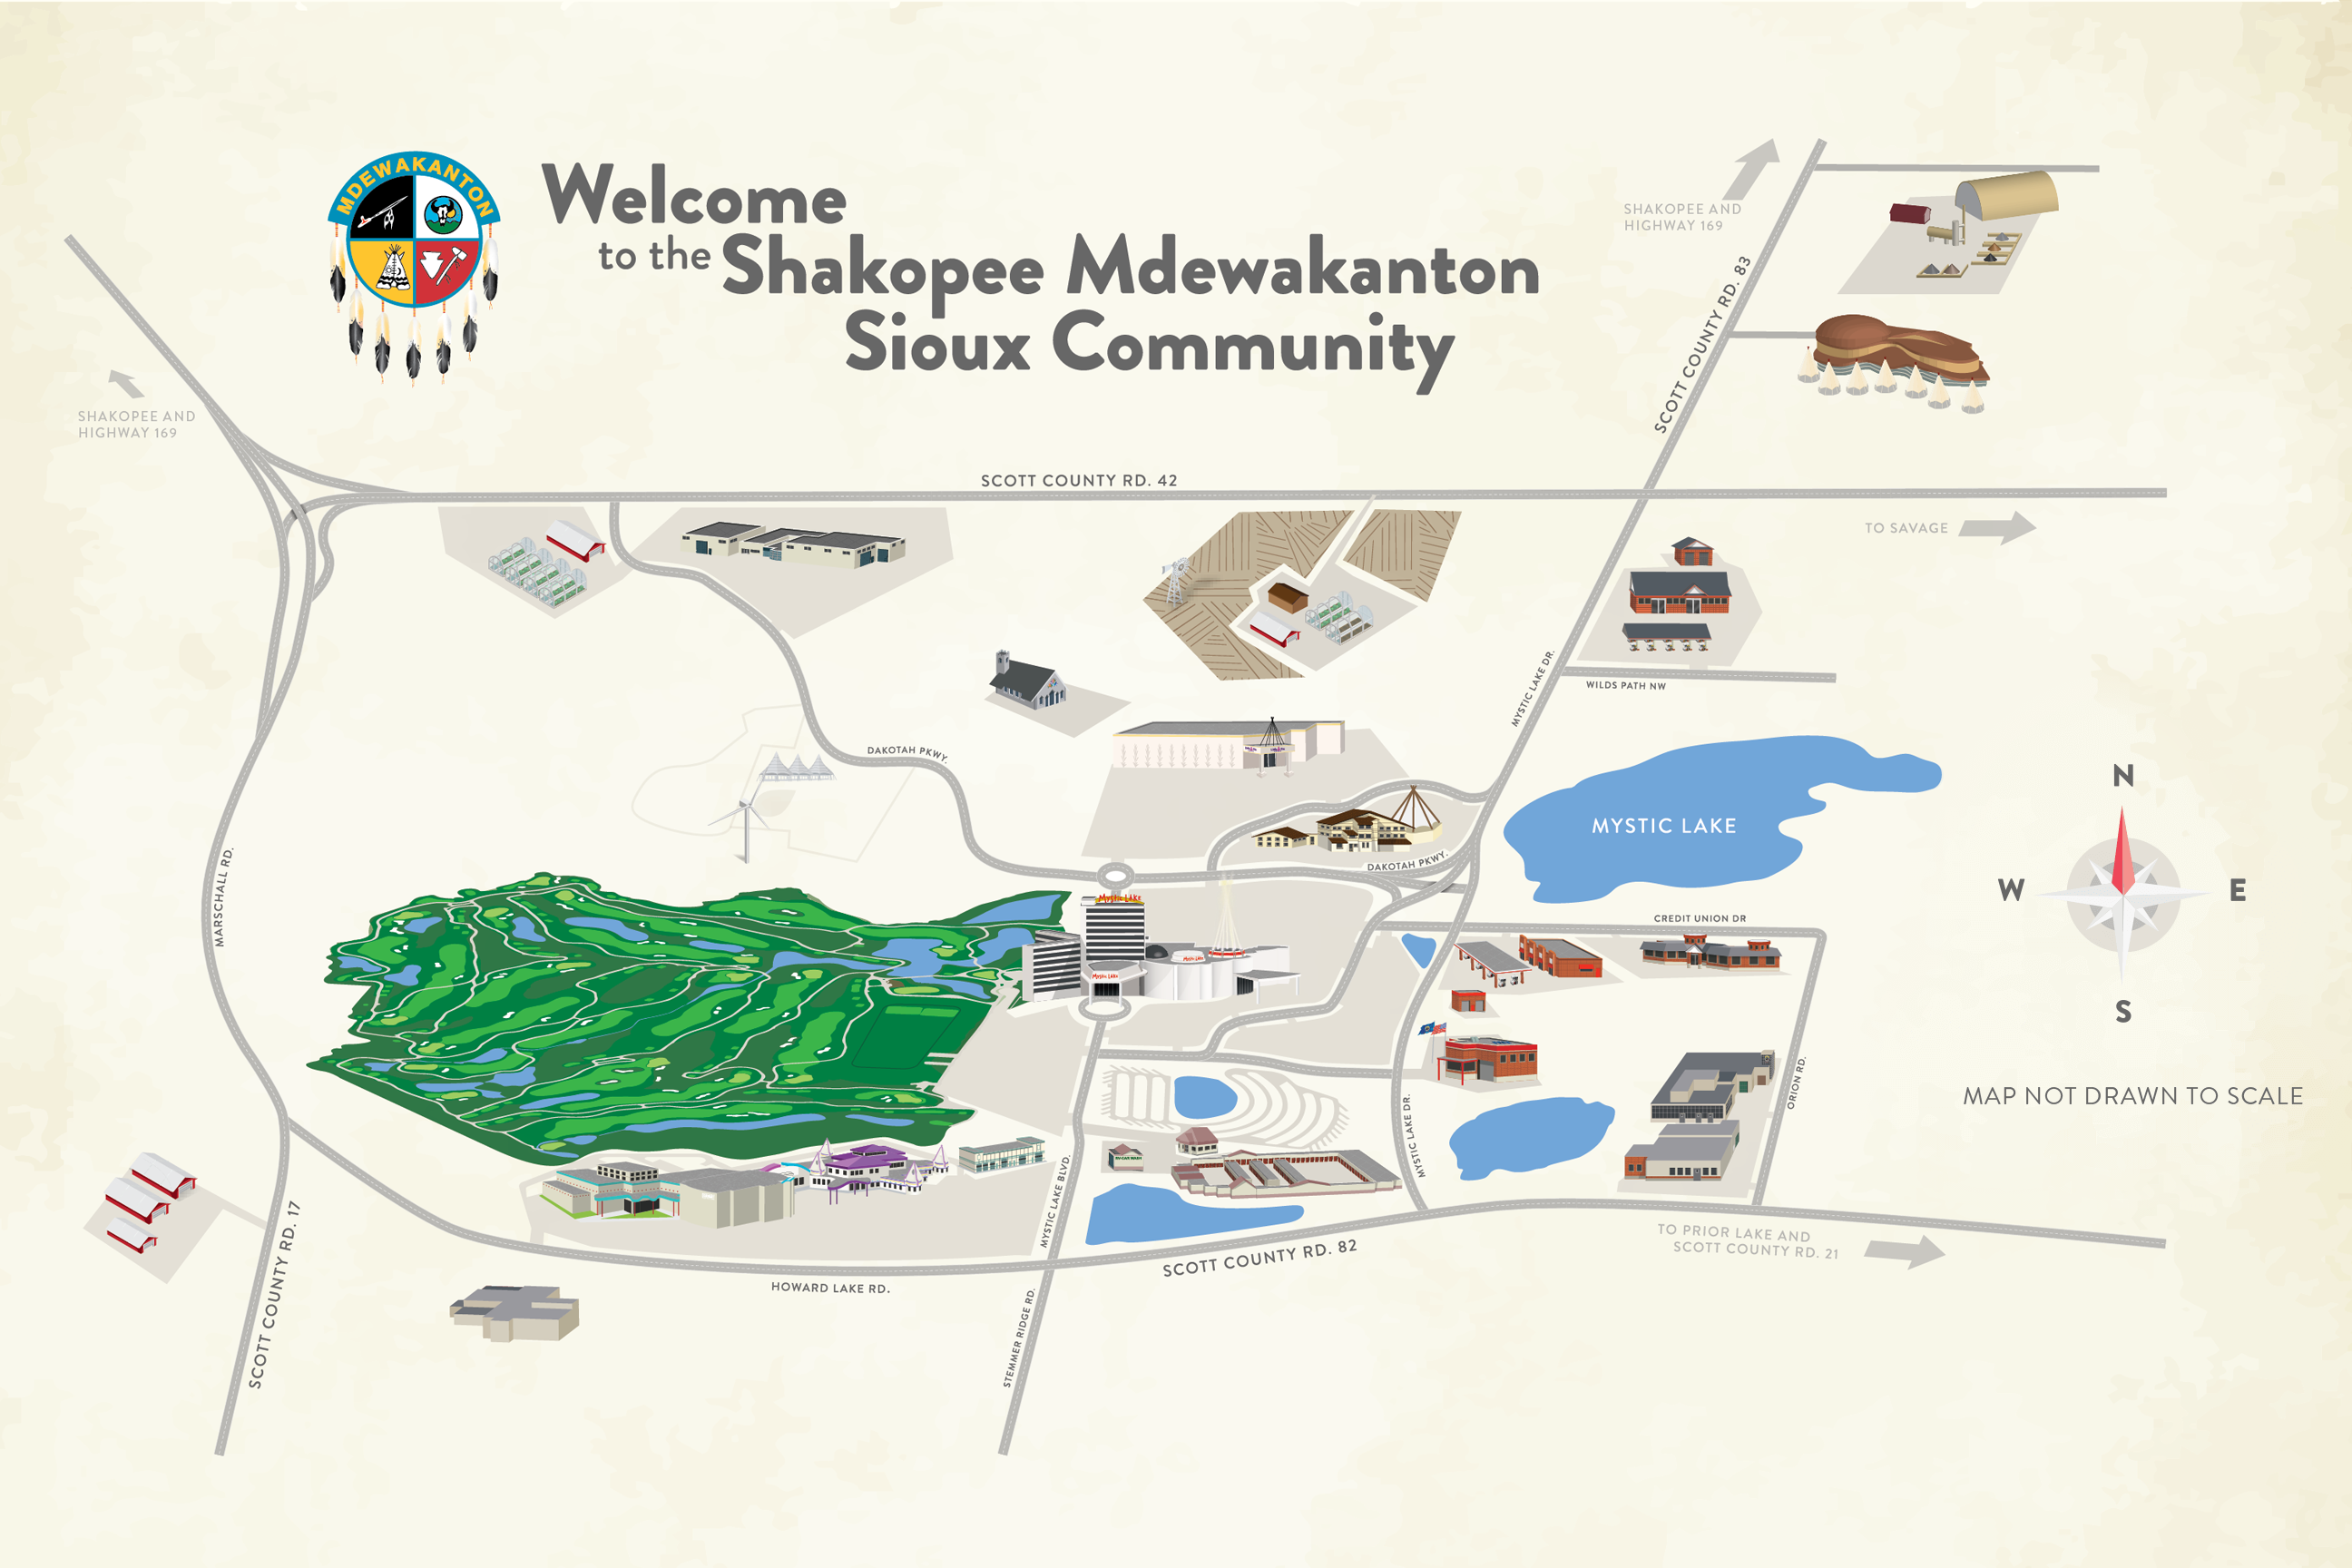 map of prior lake mn Shakopee Mdewakanton Sioux Community Map Prior Lake Mn map of prior lake mn